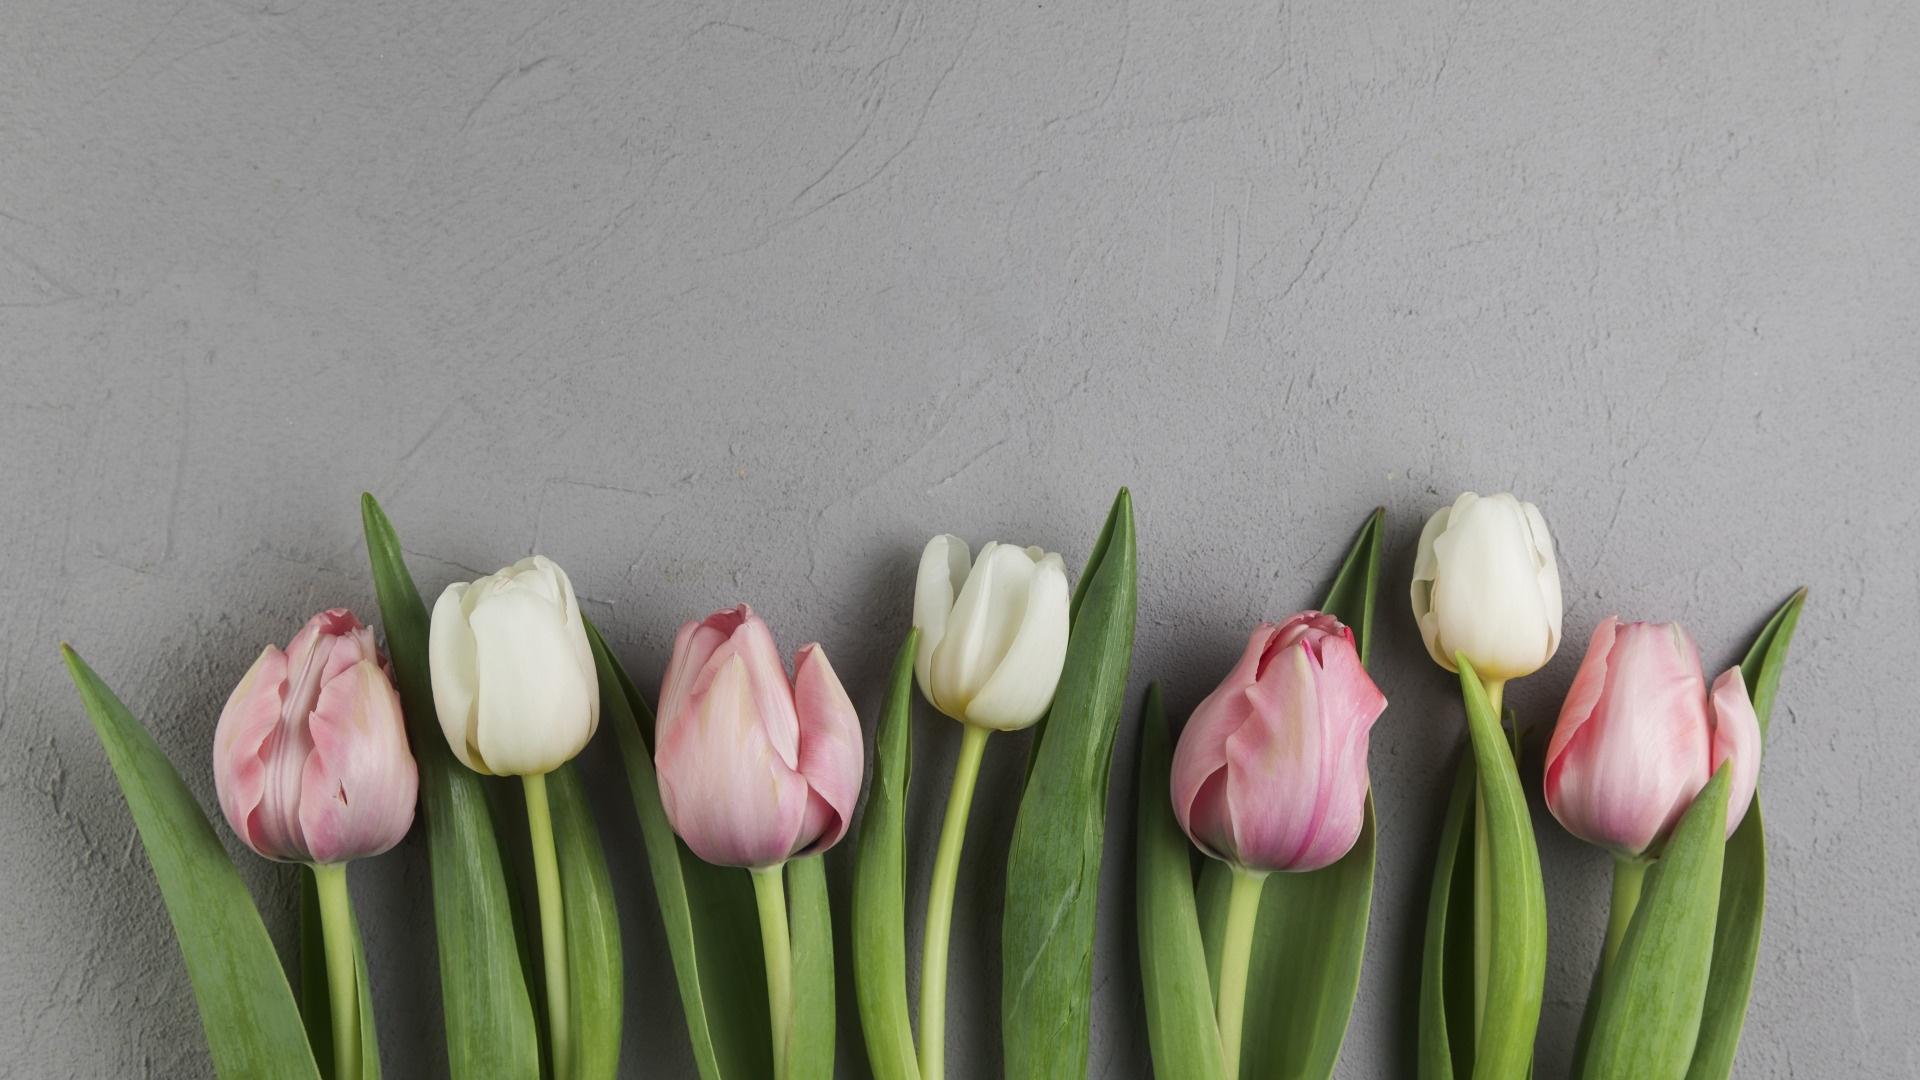 Tulip Minimalist wallpaper photo hd